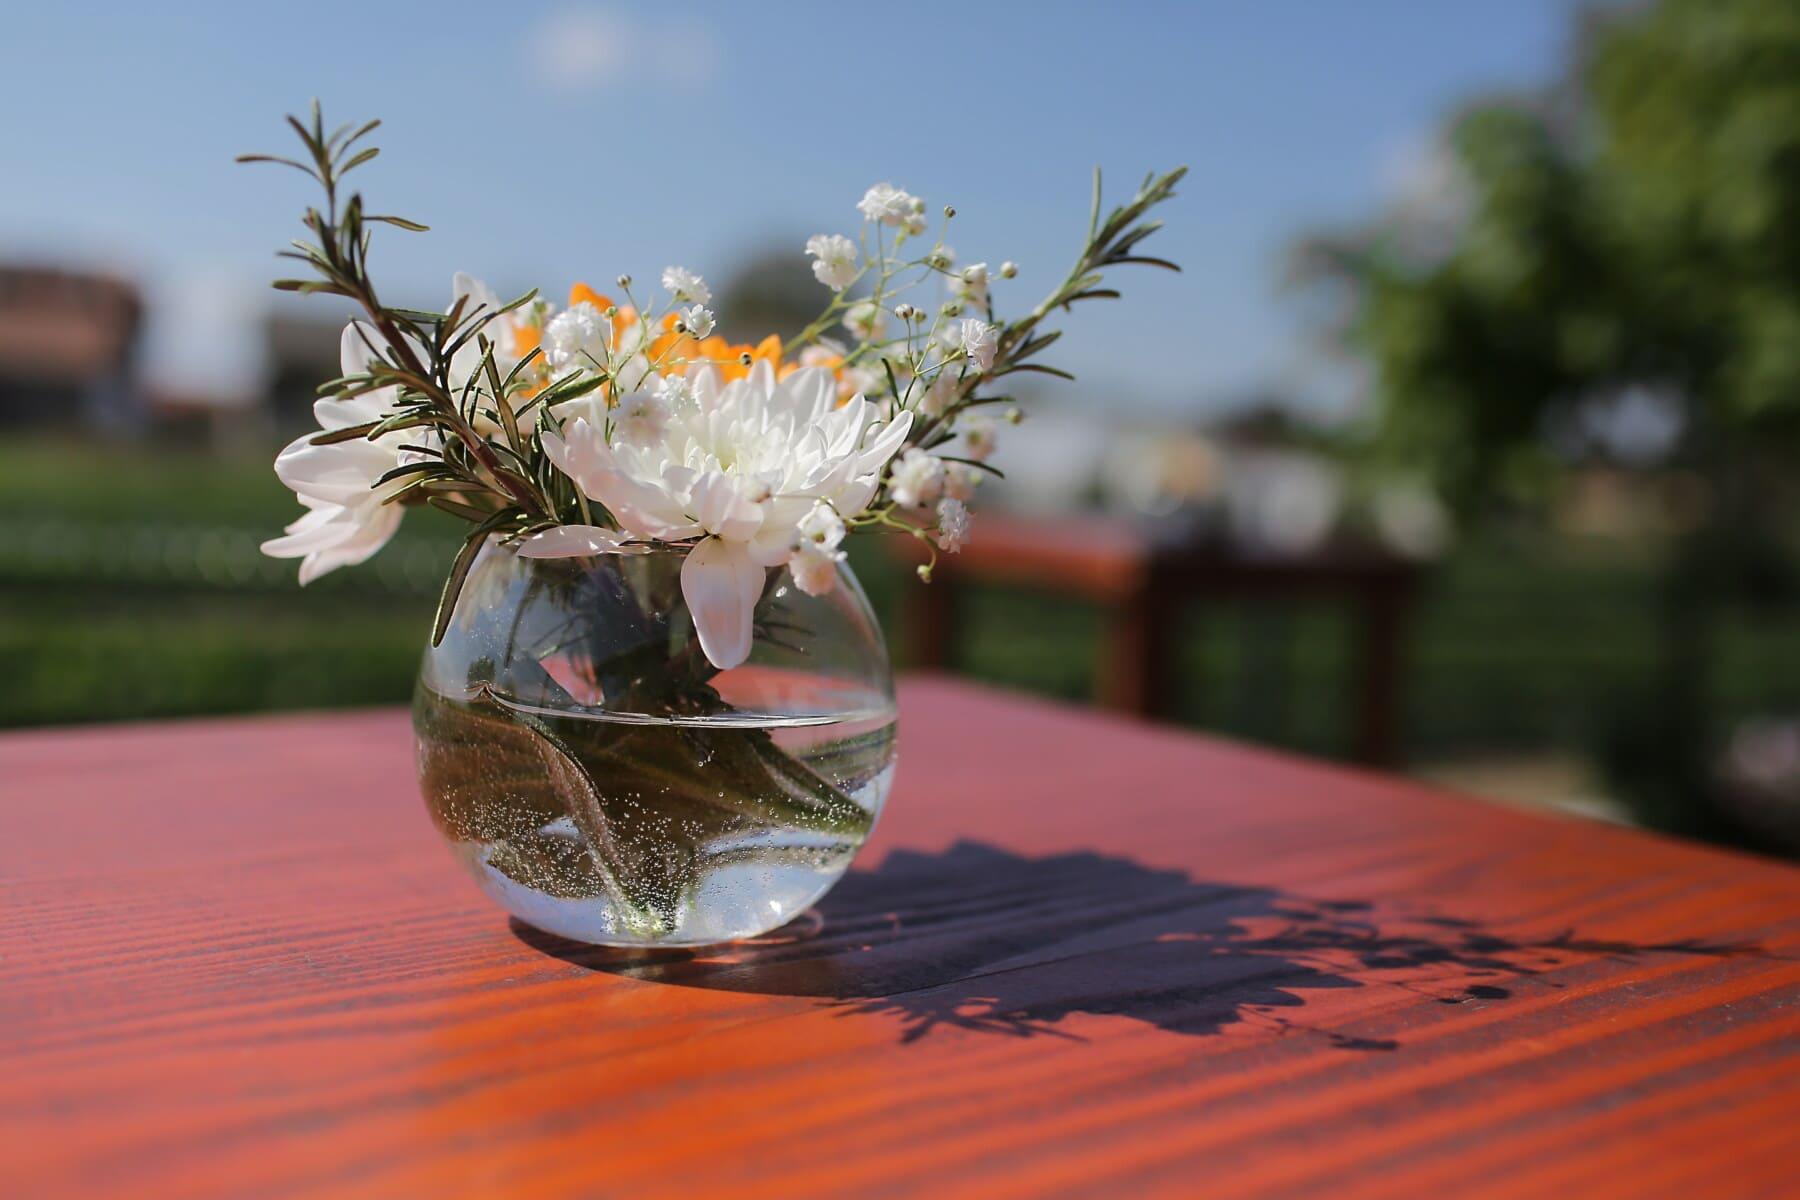 Schüssel, Runde, Kristall, Vase, Rosmarin, Wasser, Blumen, Natur, Blume, Still-Leben